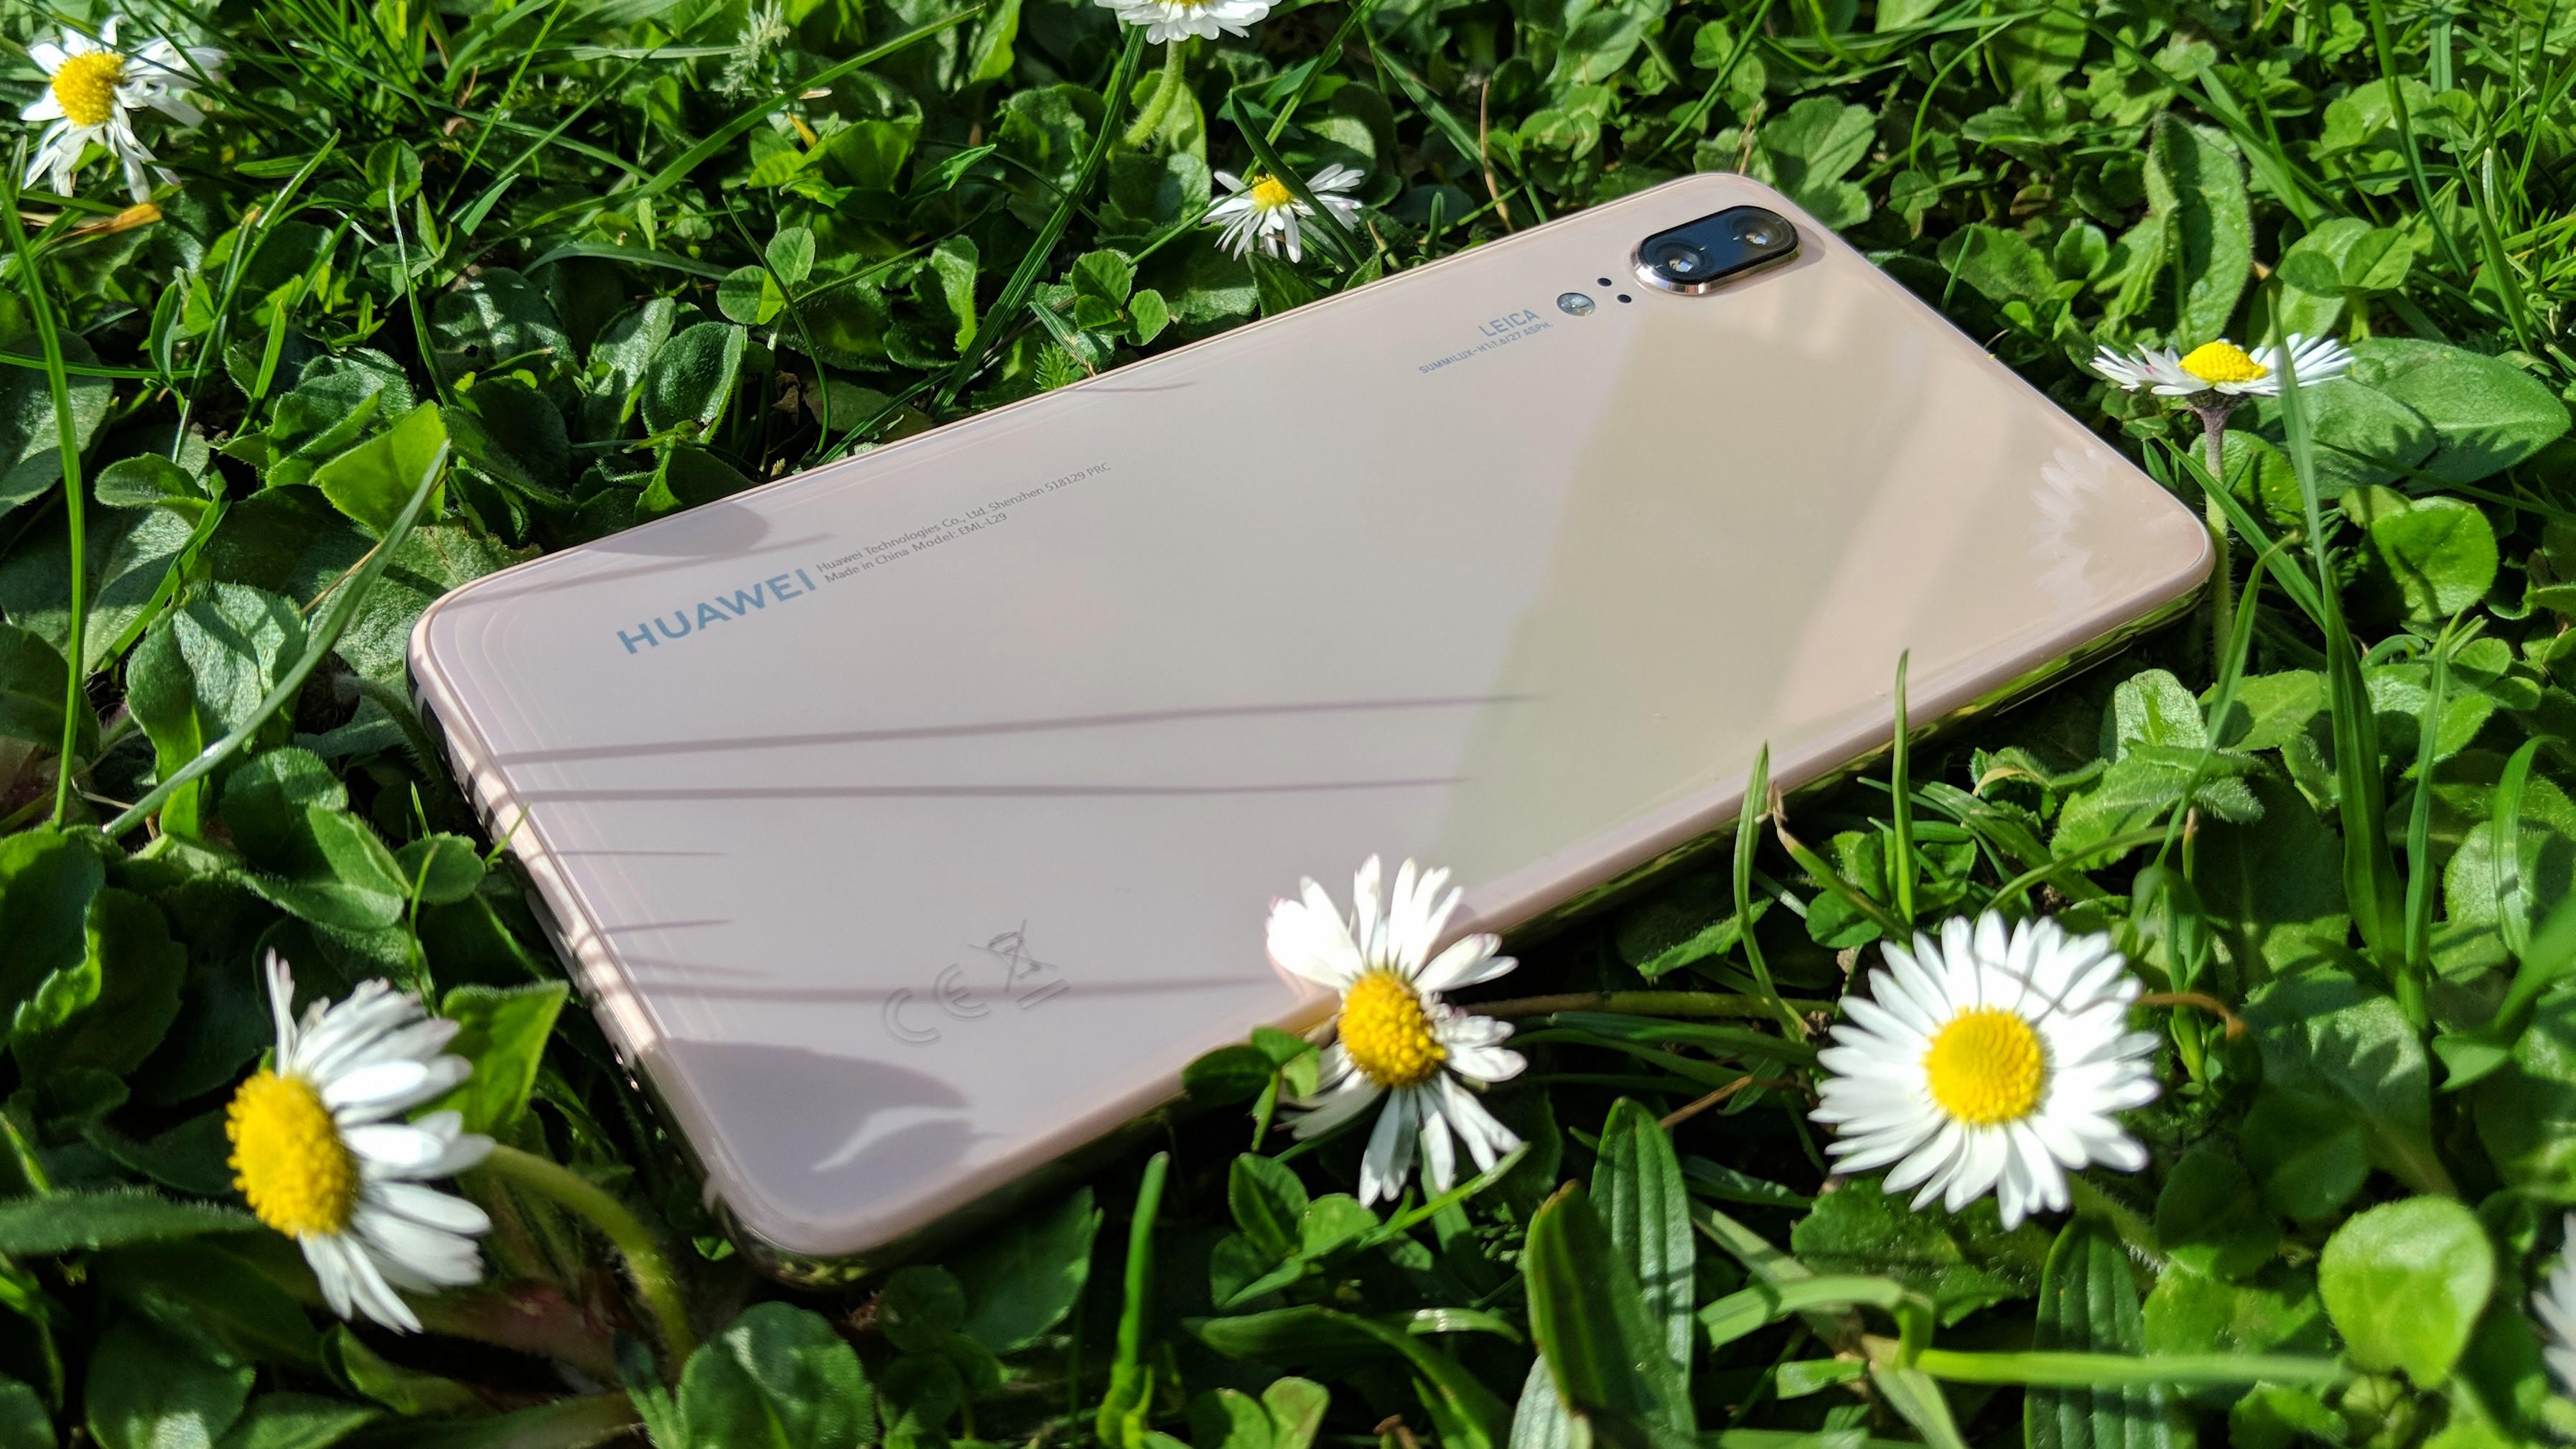 Huawei P30 and Huawei P30 Pro